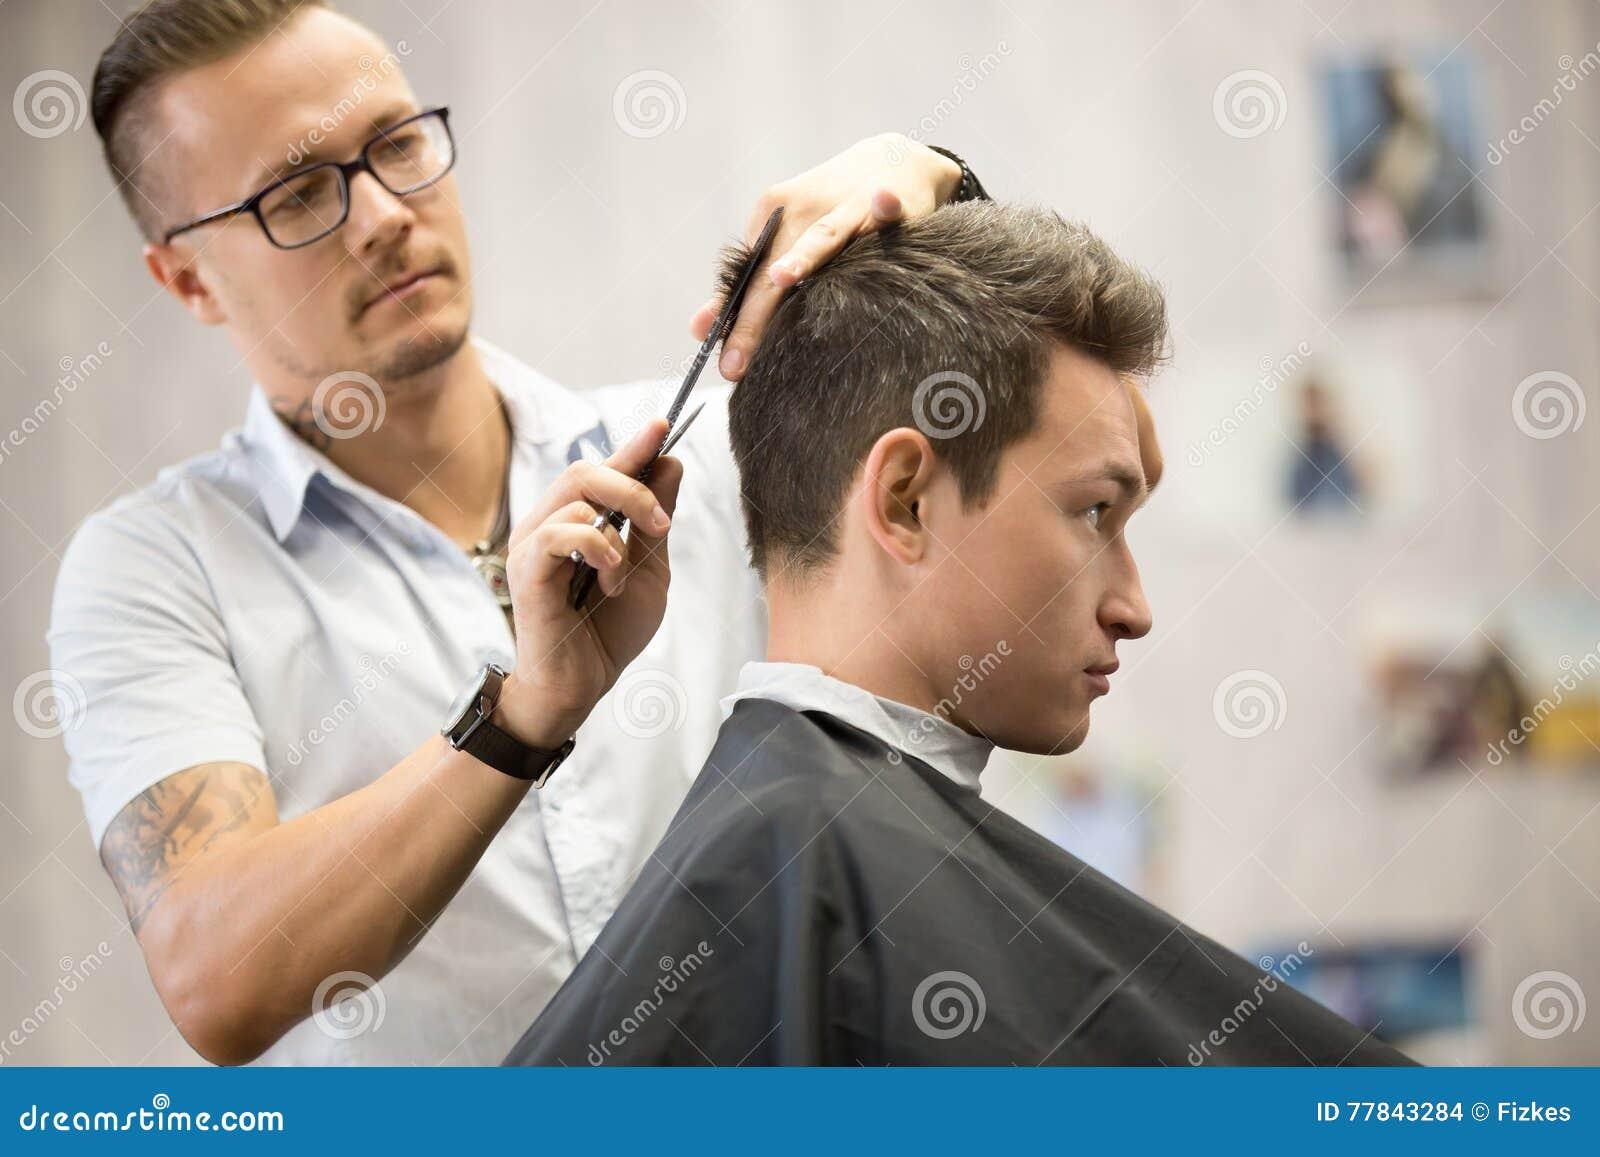 Getting A Haircut 21